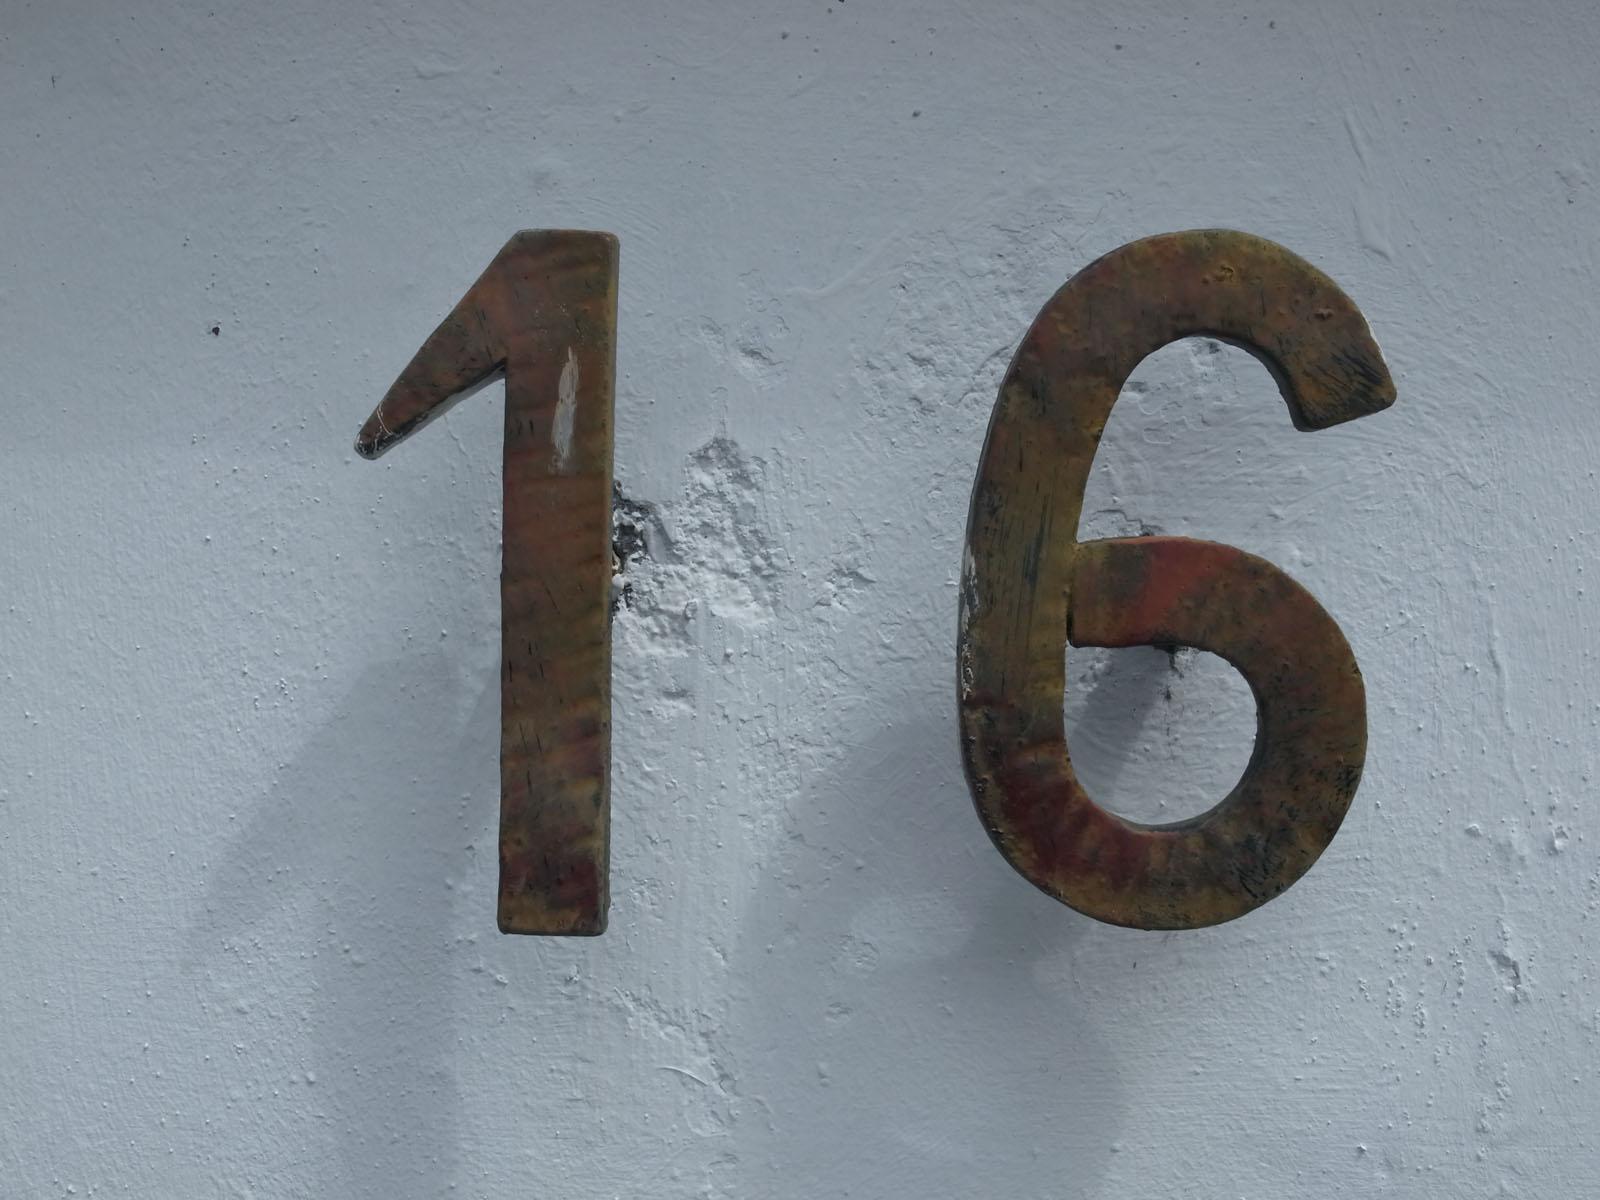 16 rue de la fin